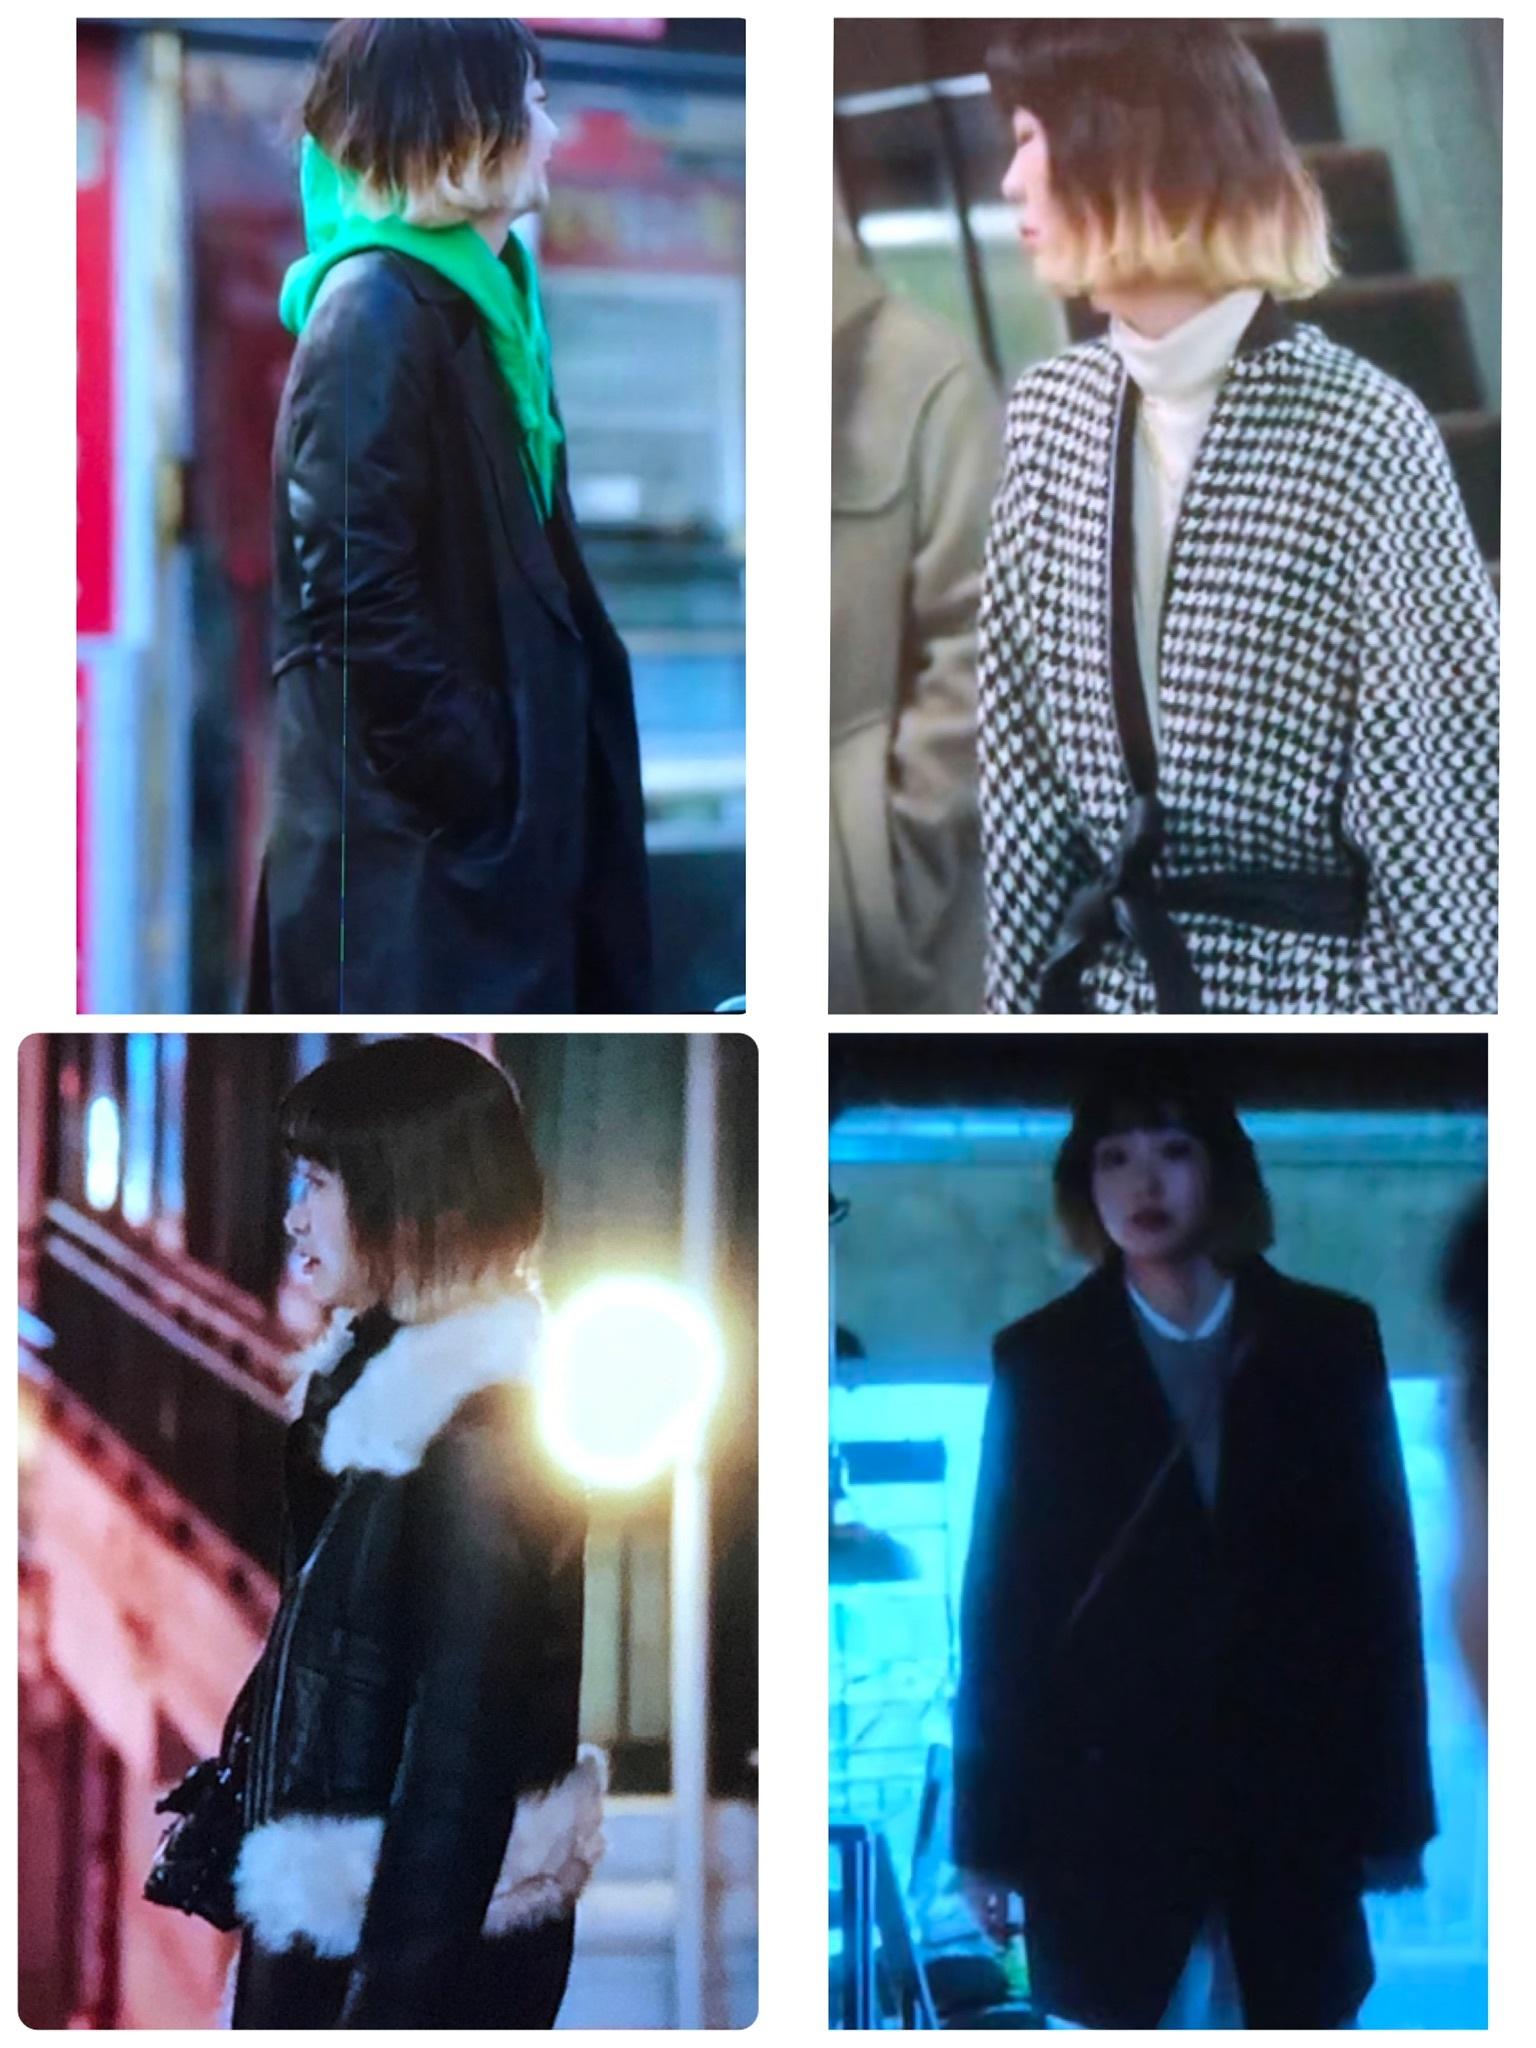 韓国ドラマで観るファッションチェック②_a0213806_17364447.jpeg